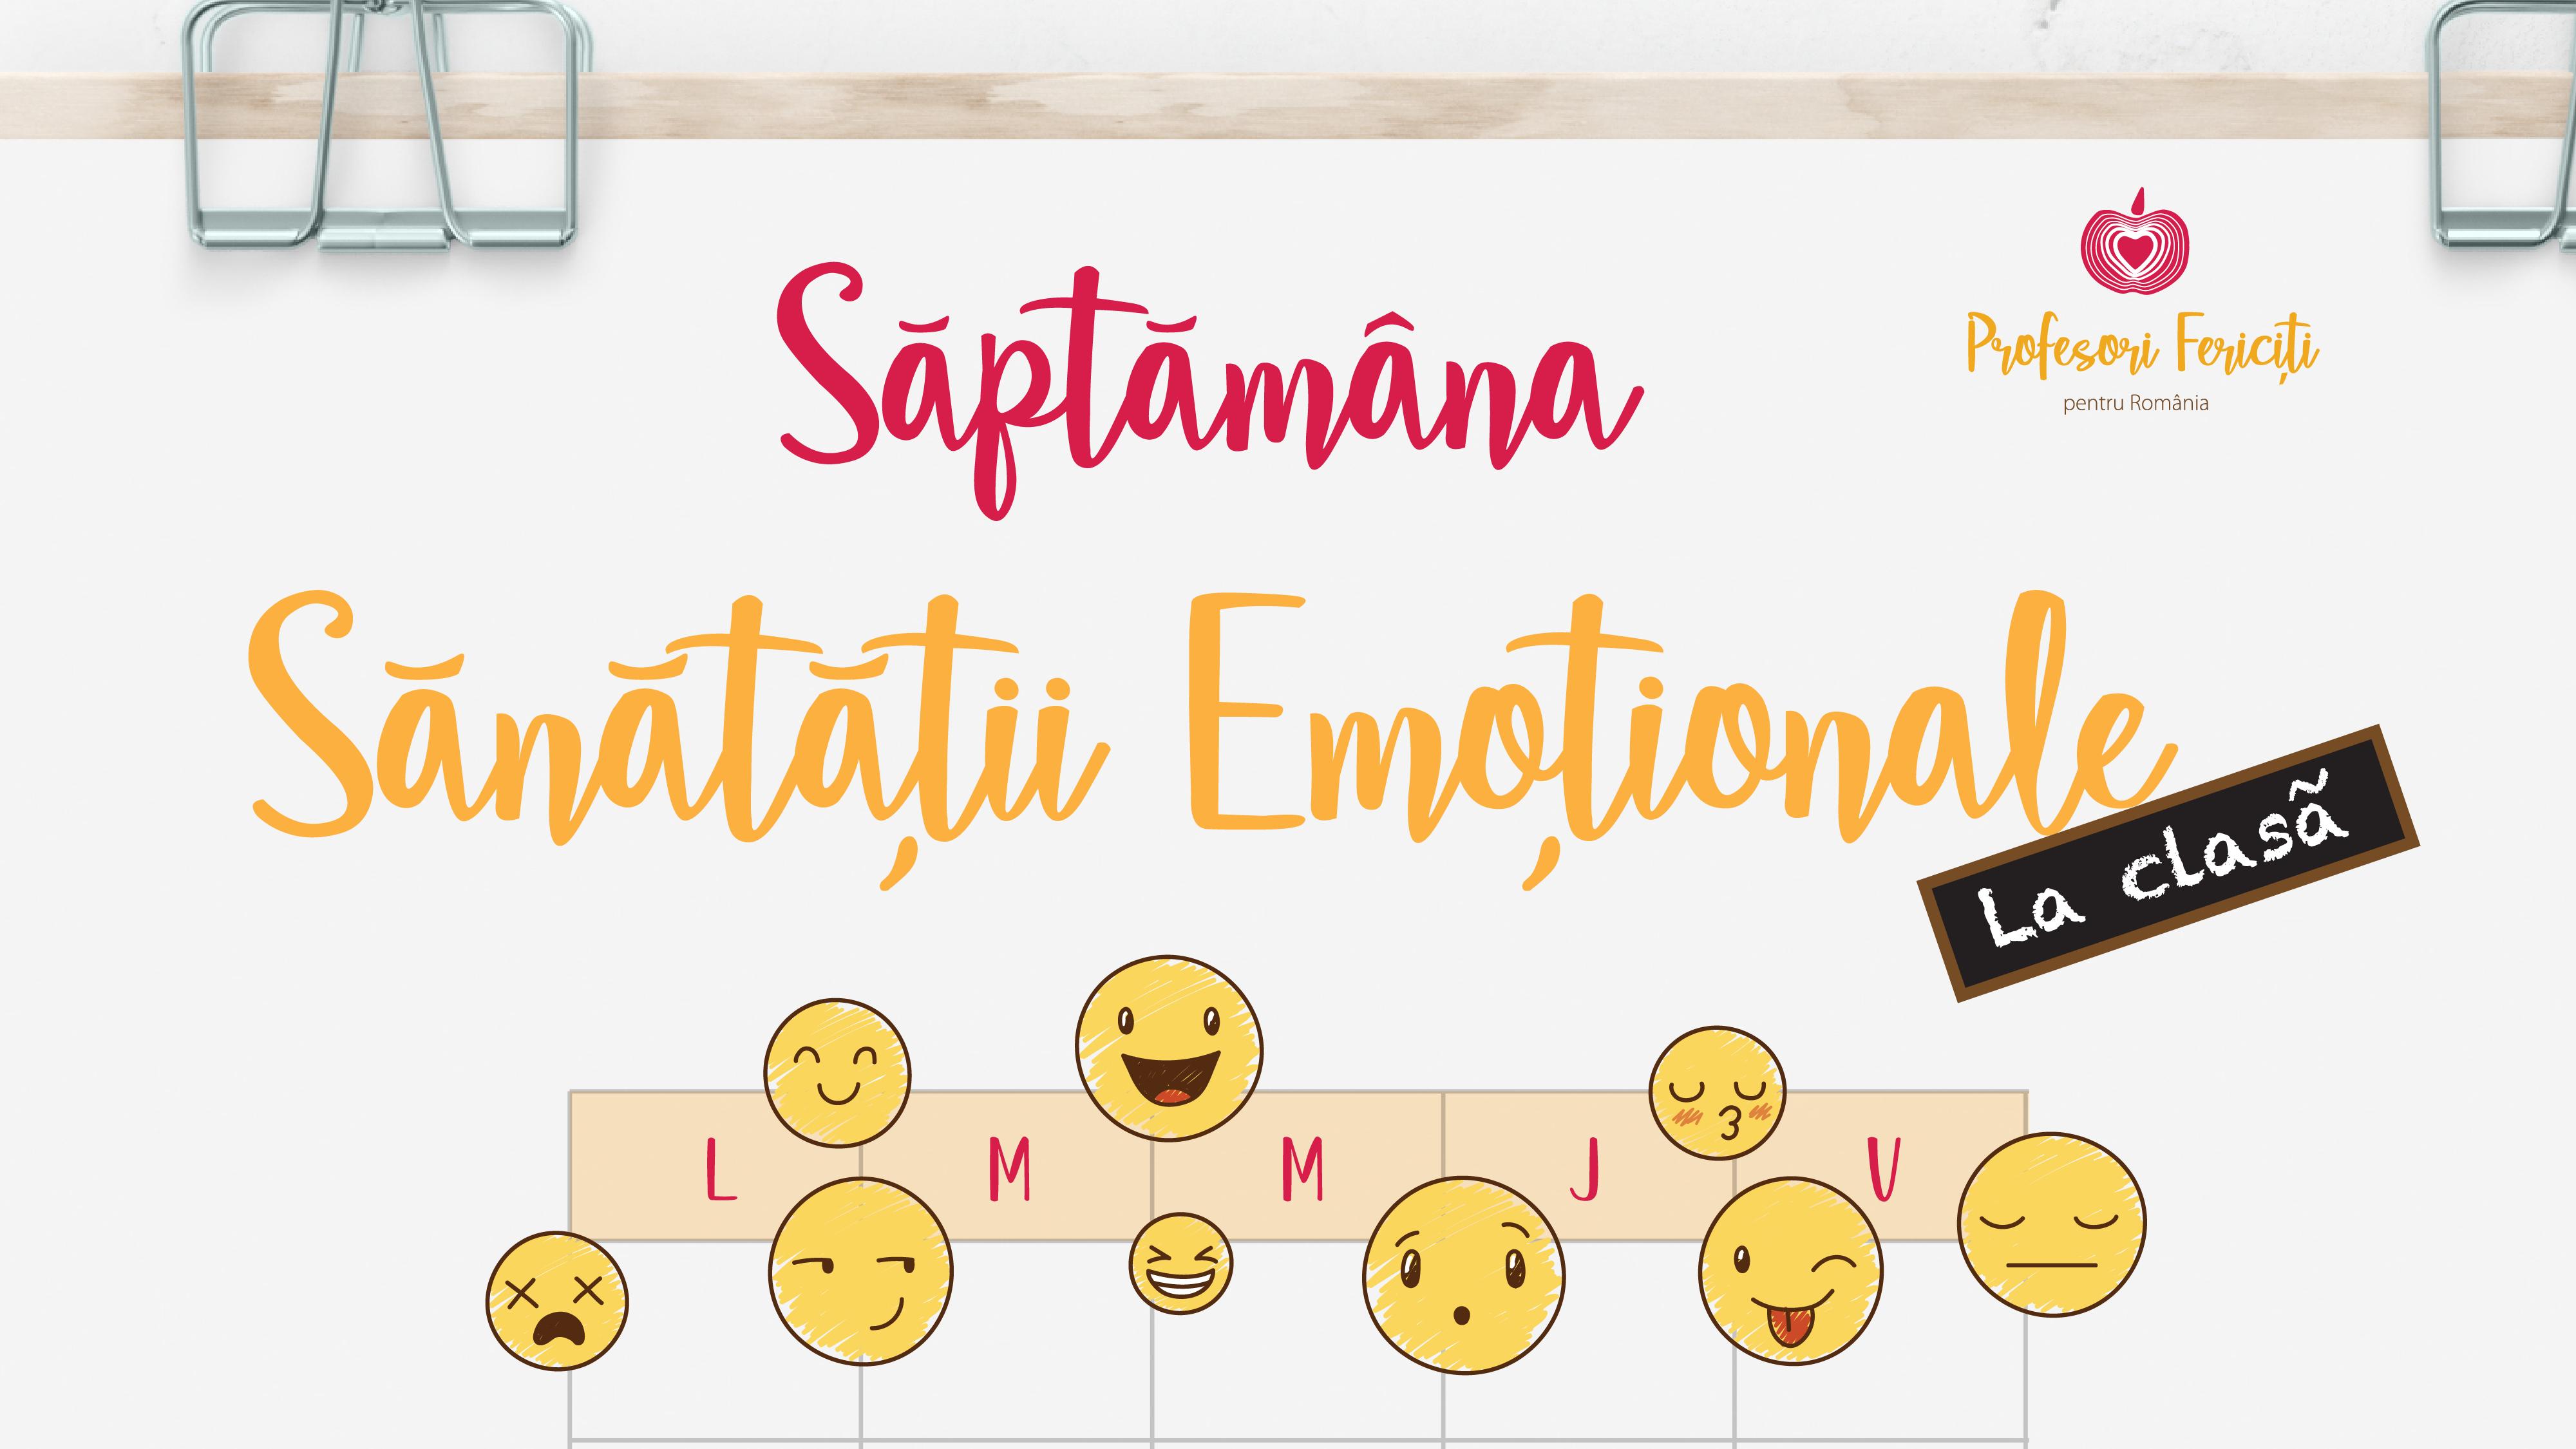 Saptamana Sanatatii Emotionale (1)